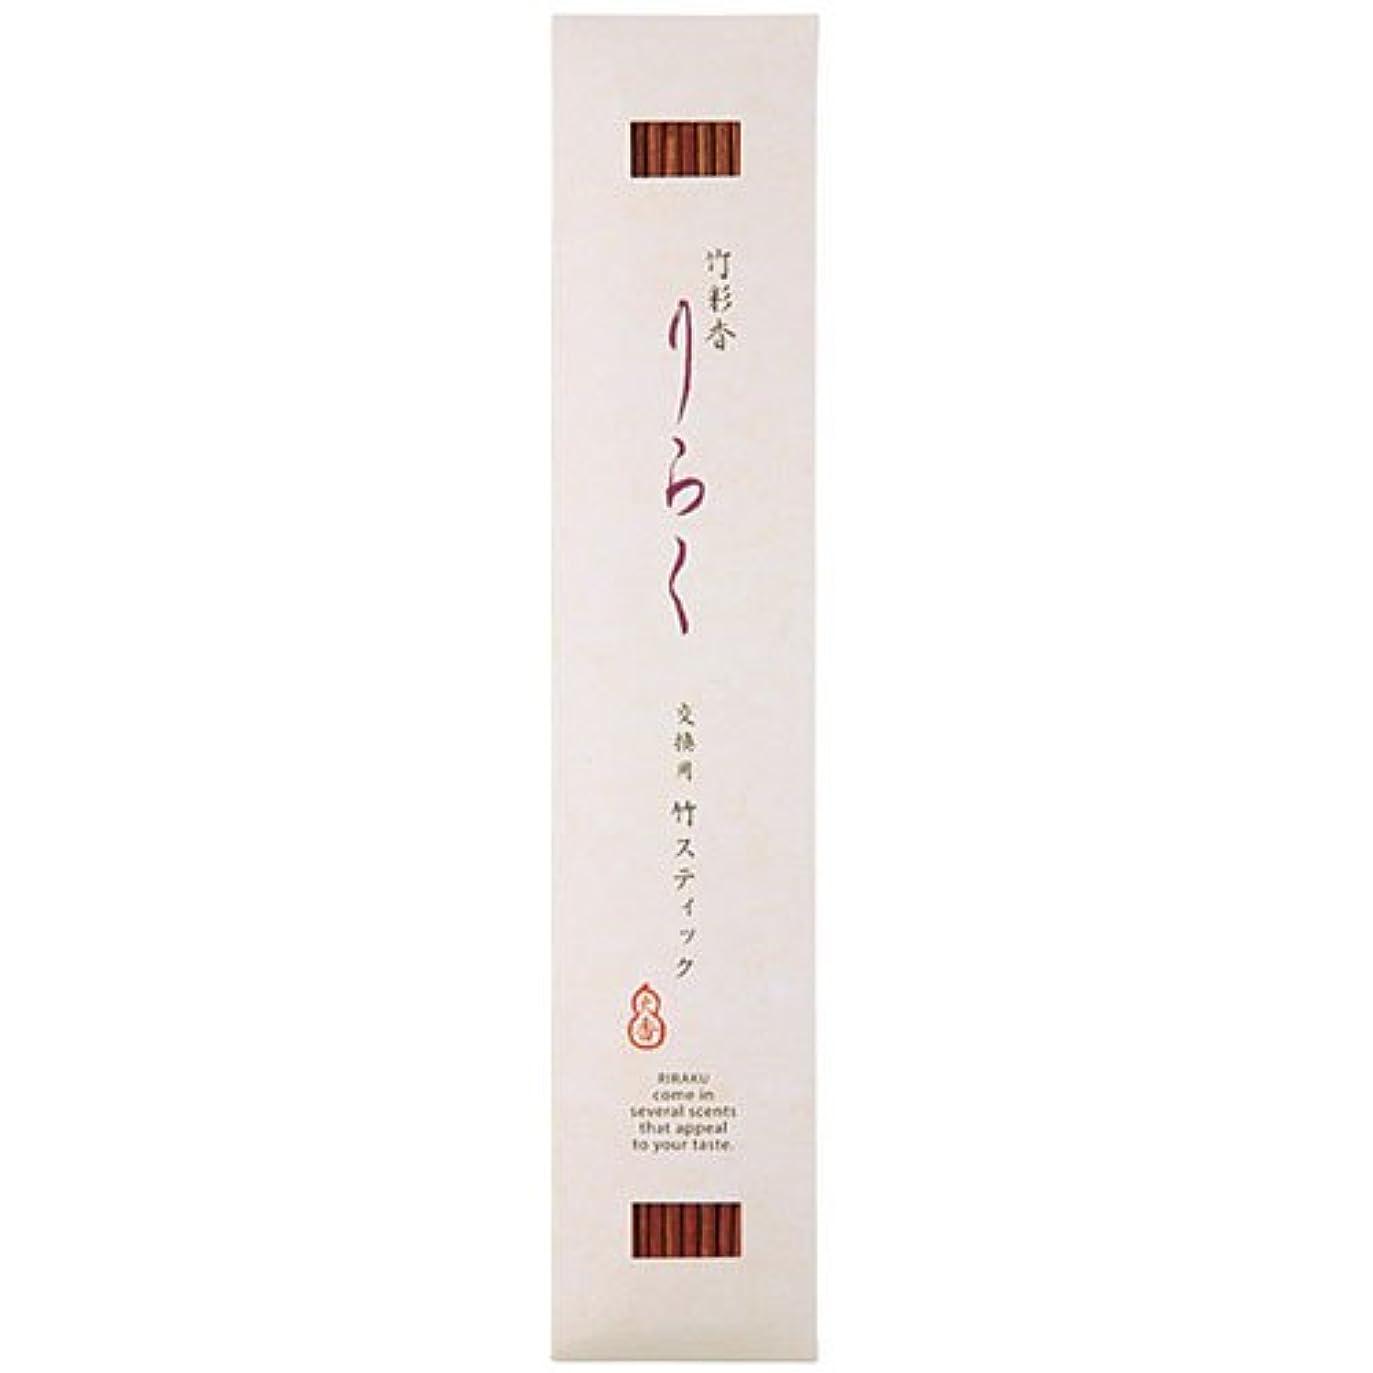 対処するペンス等しい竹彩香りらく 交換用竹スティックきんもくせいの色 10本